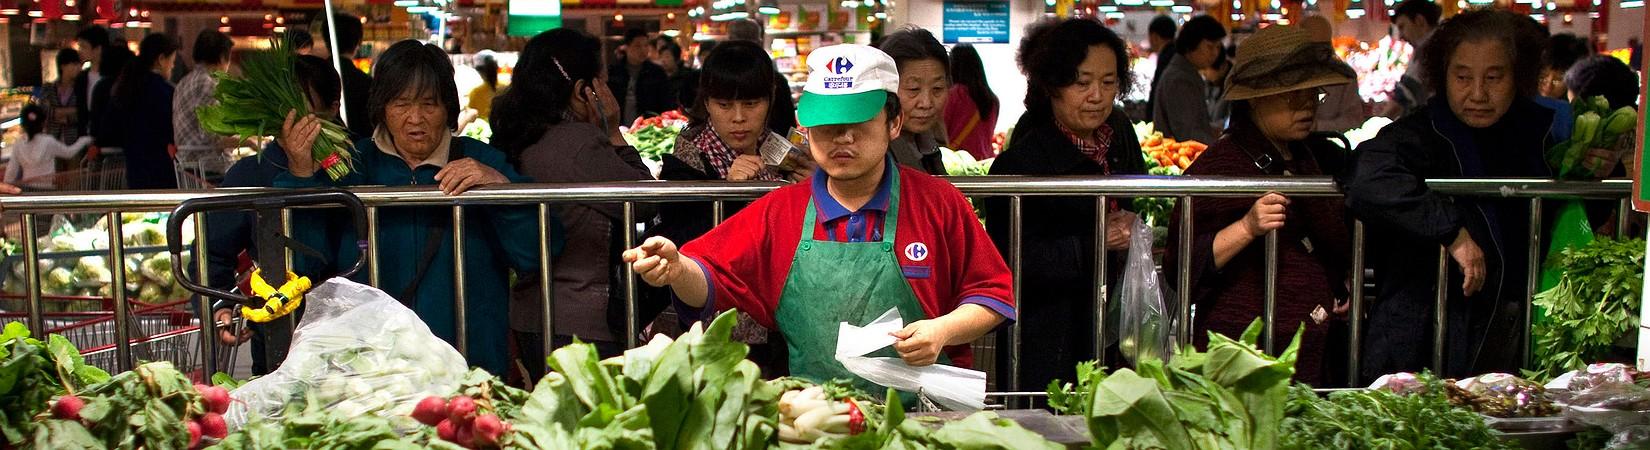 Los precios al productor en China suben por primera vez en casi cinco años